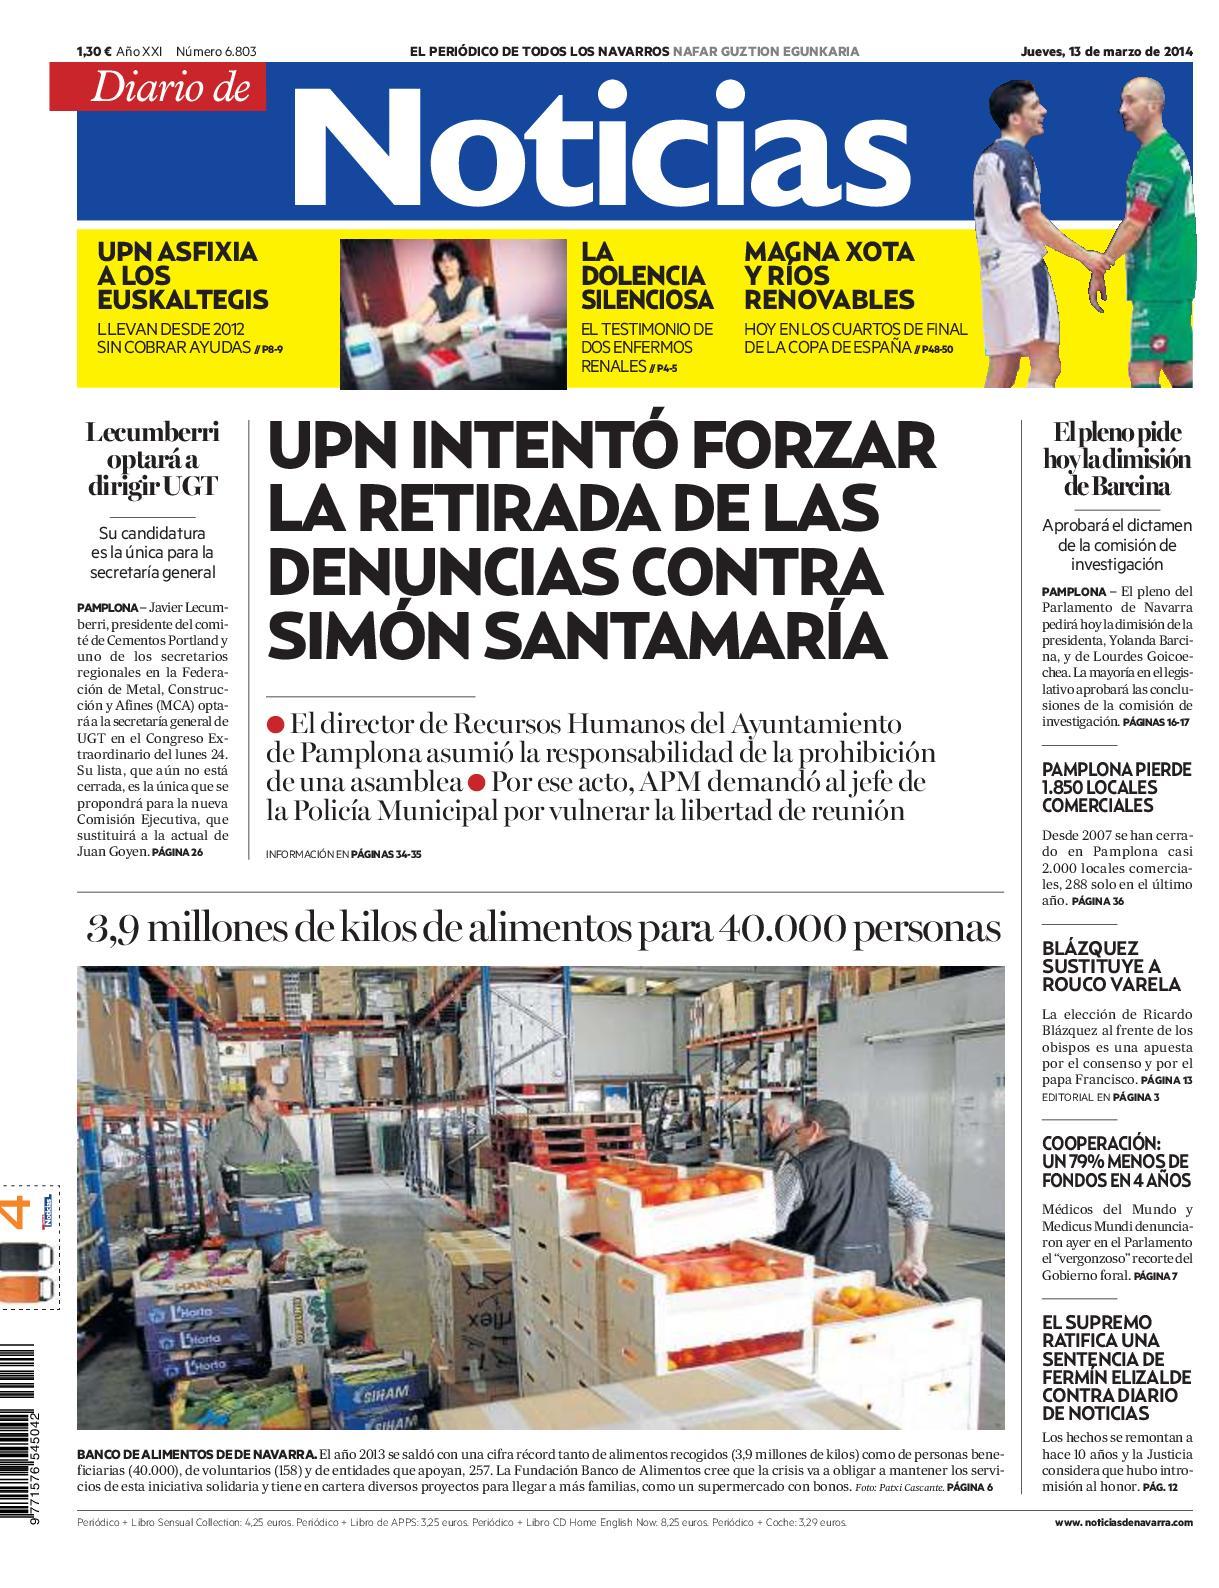 Calaméo - Diario de Noticias 20140313 a855cf78133bf